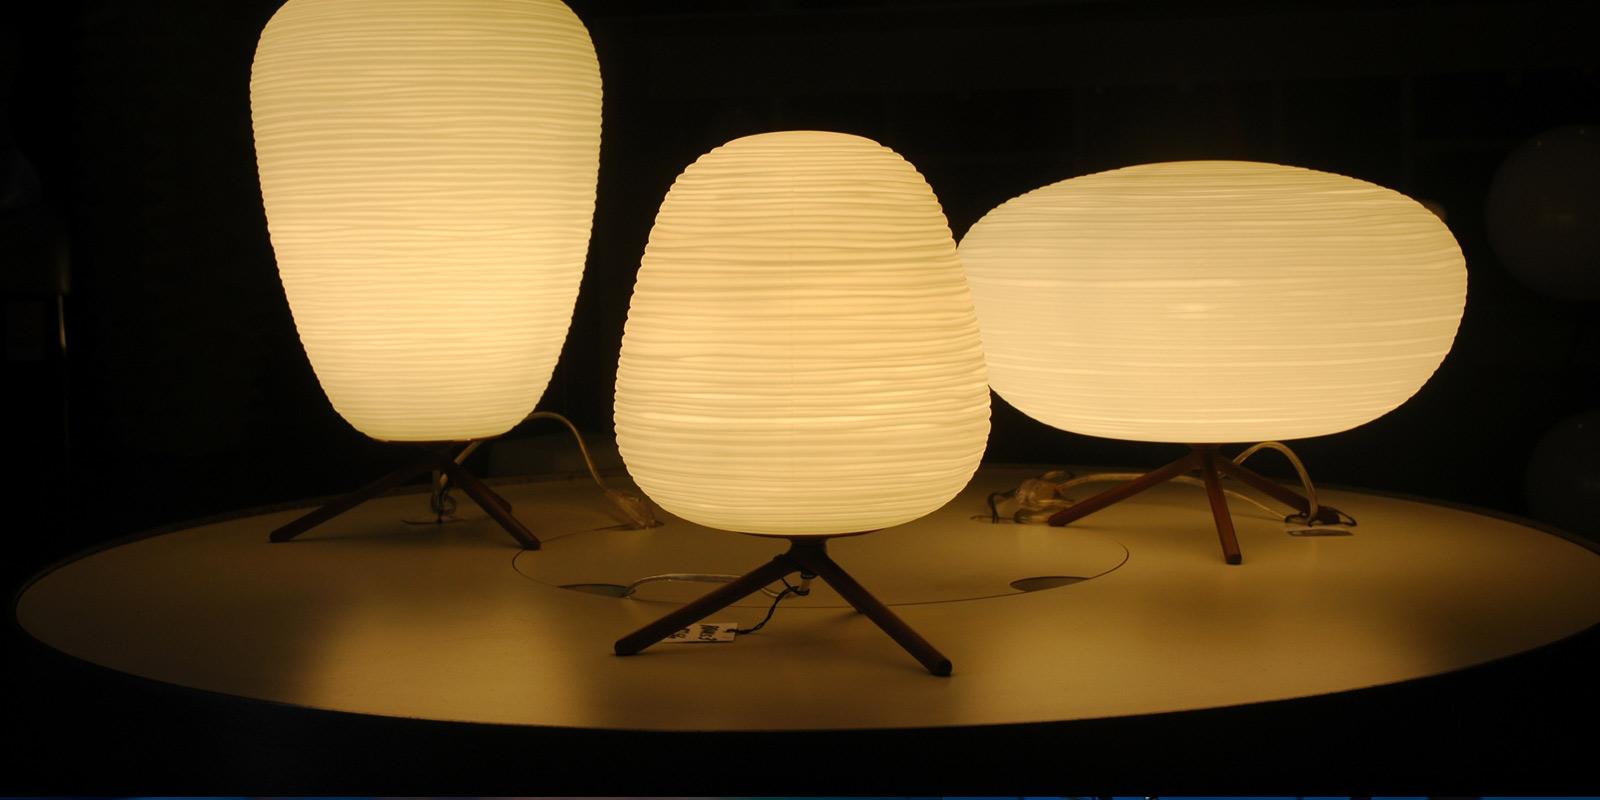 Miljøbilde av Rituals lampeserie